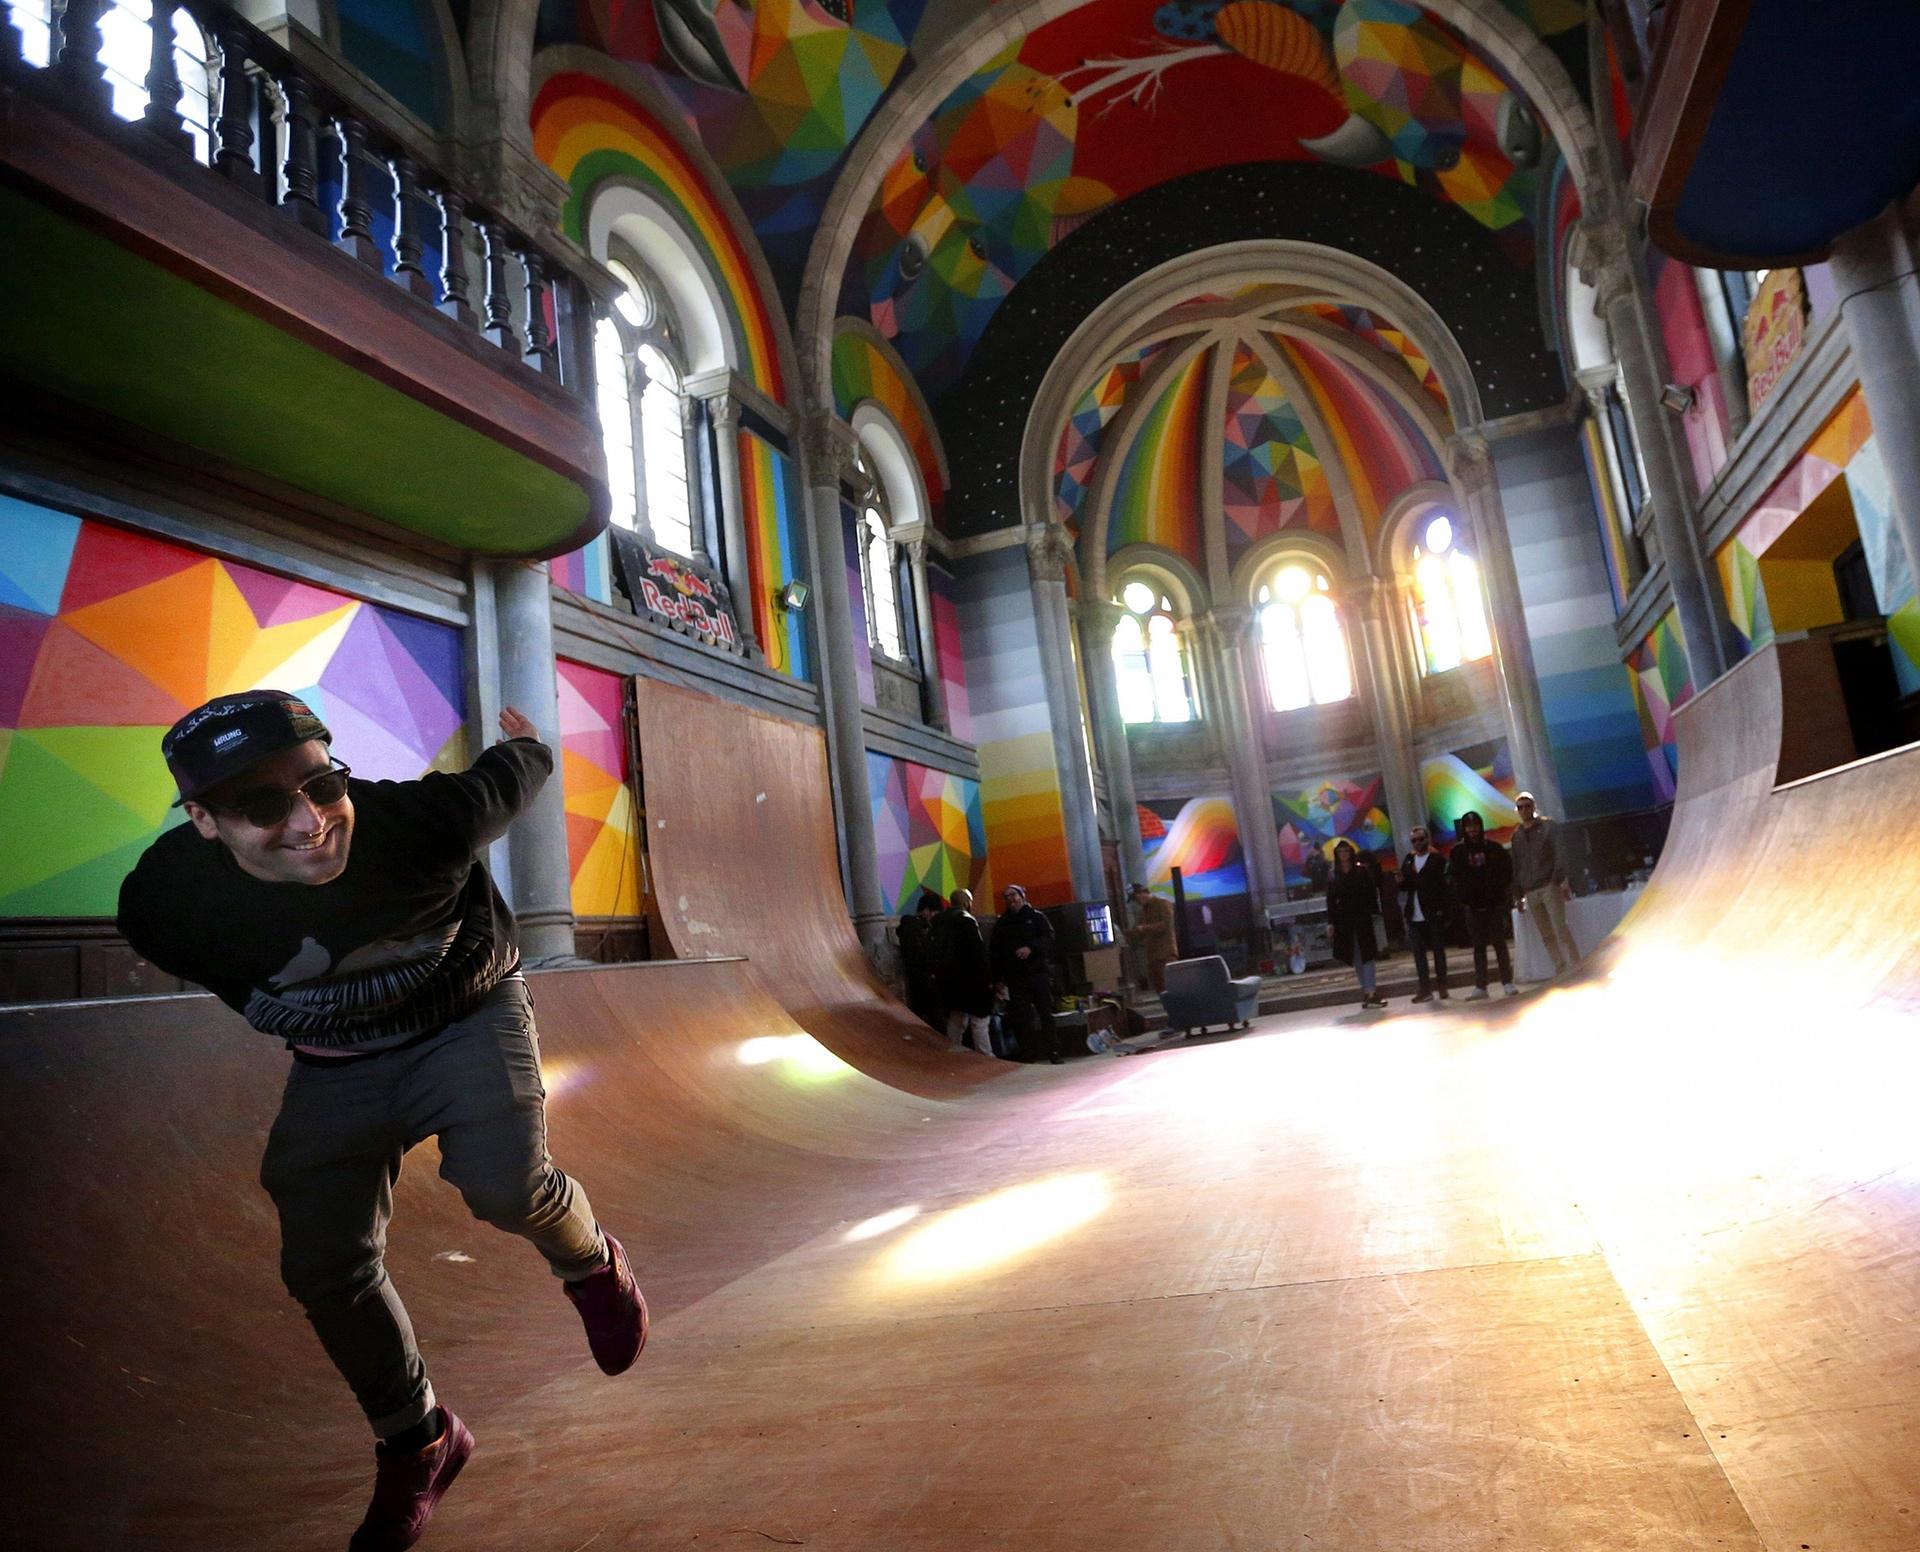 Leegstaande kerk? Skatebaan!